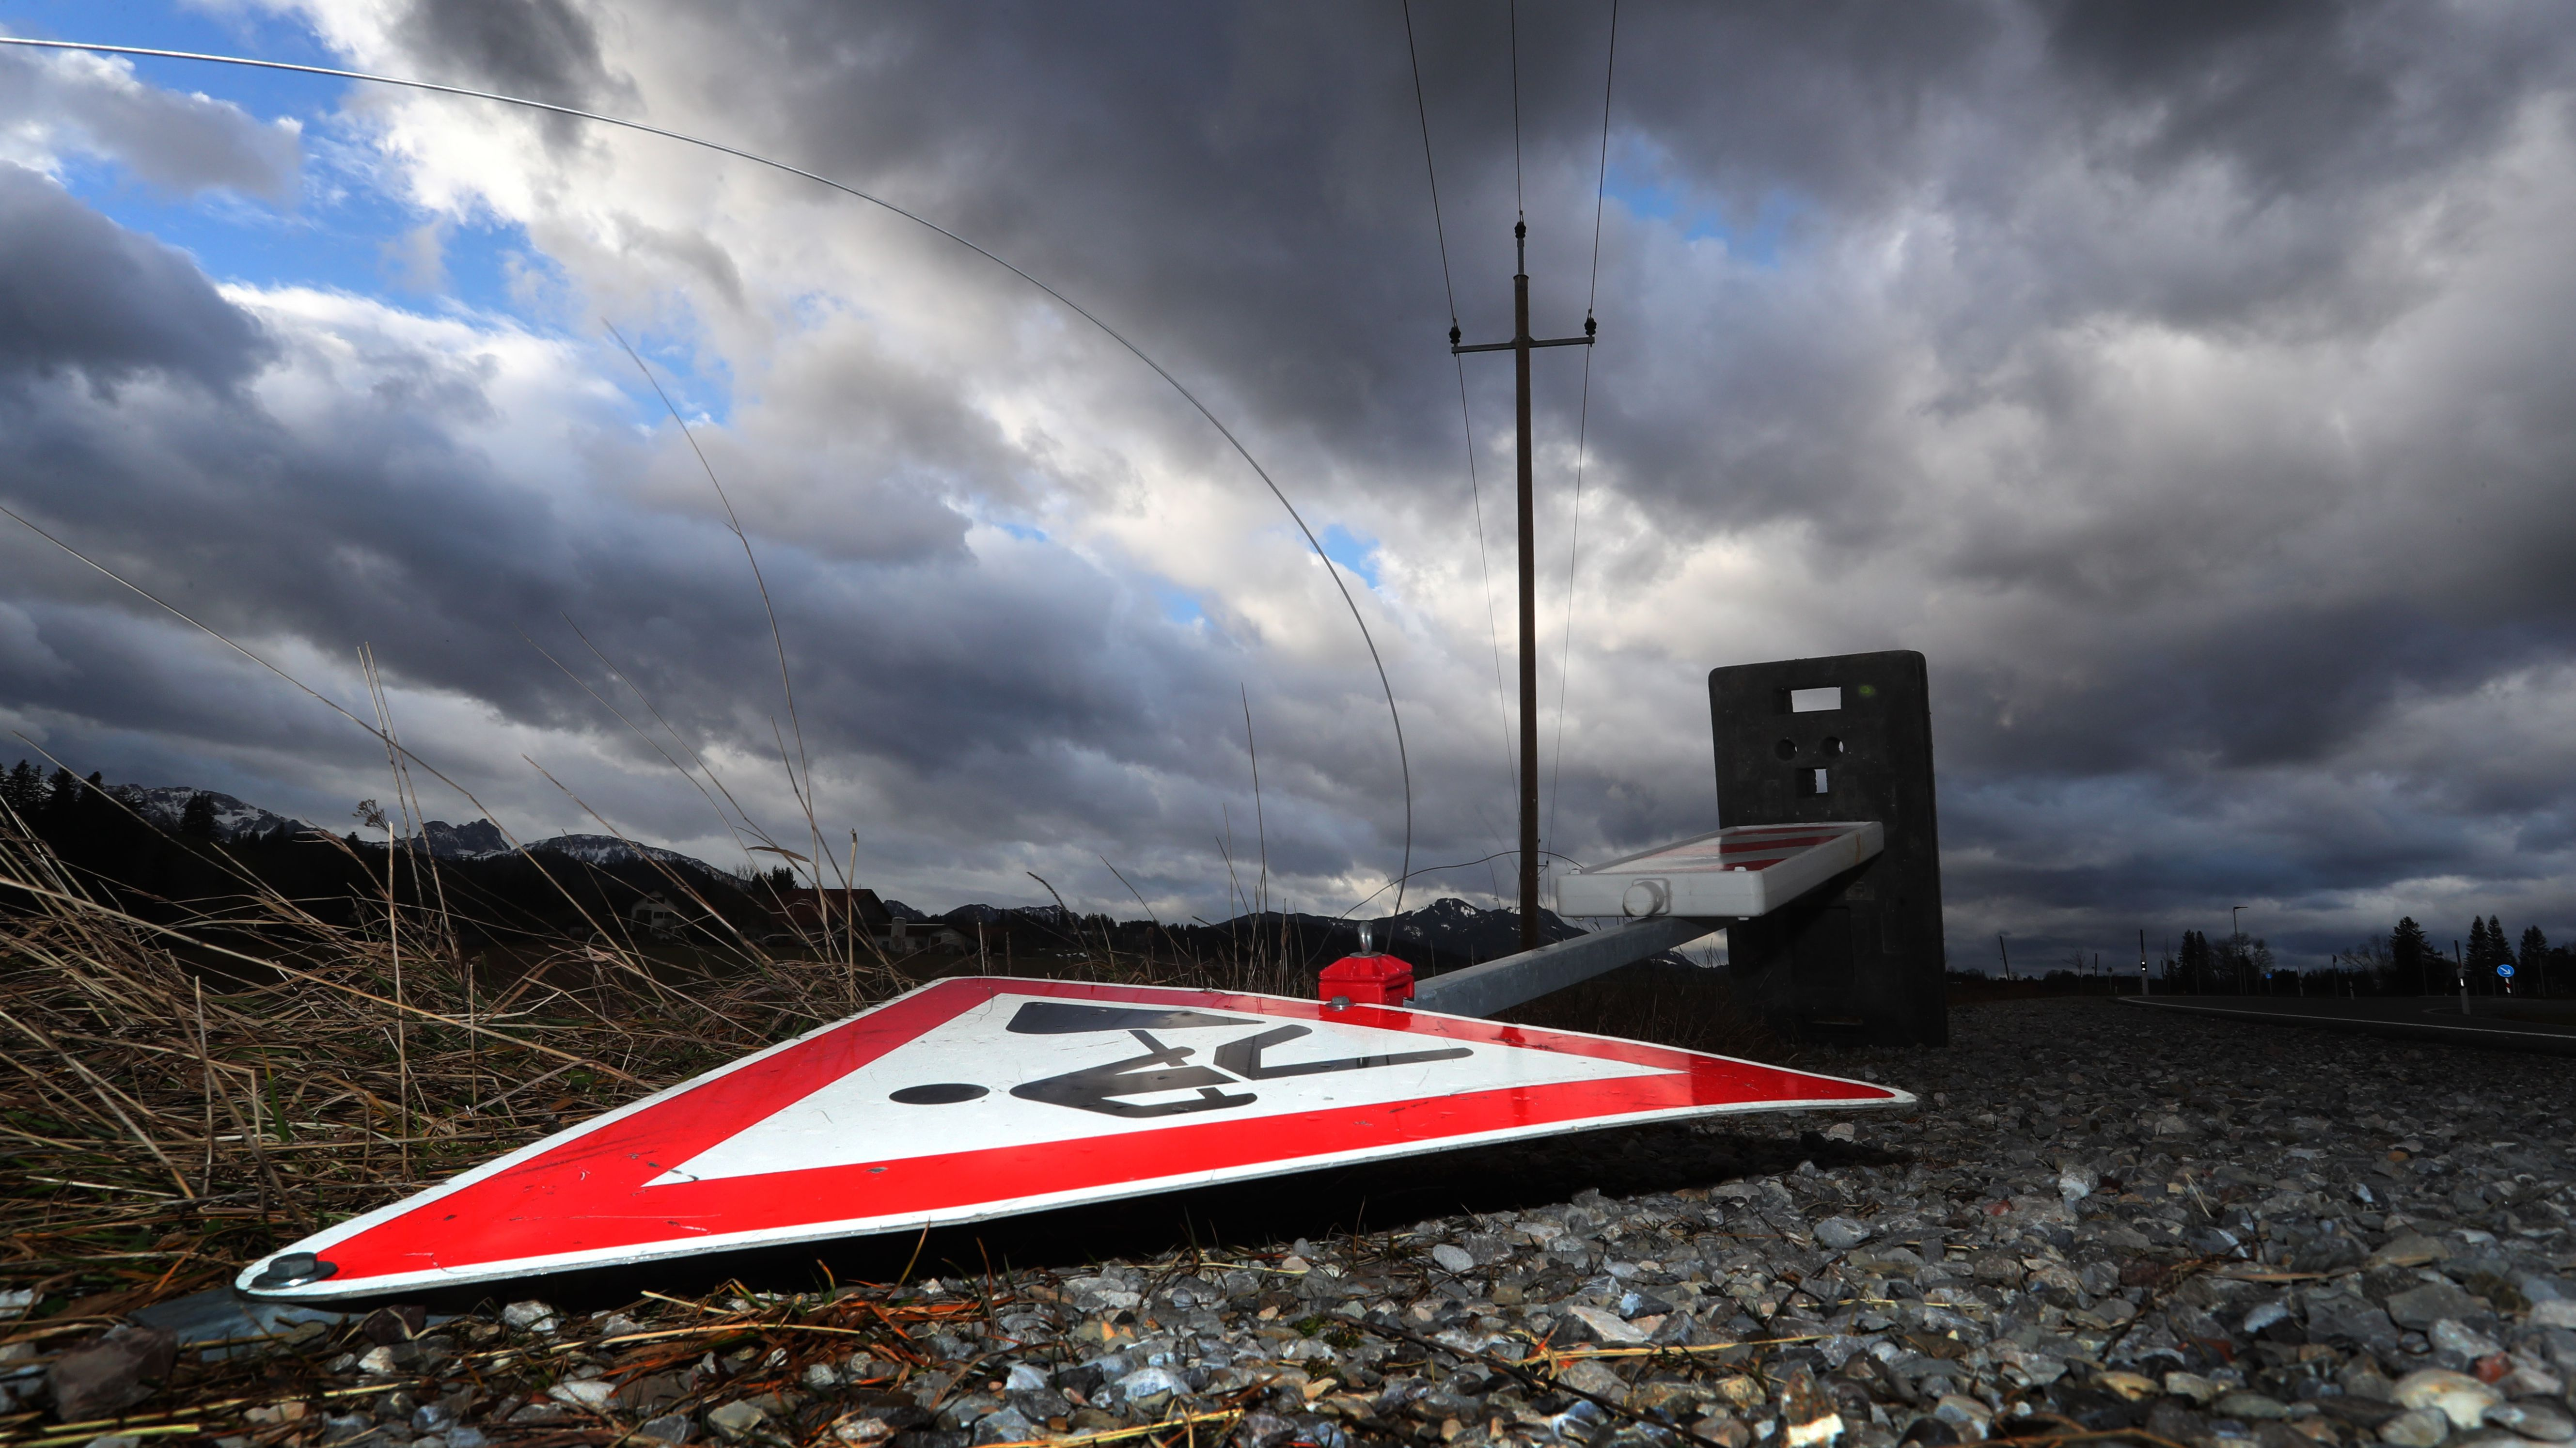 """Bayern, Seeg: Ein Baustellenschild liegt durch das Sturmtief """"Sabine"""" umgekippt unter einem wolkenüberzogenem Himmel auf einer Straße."""